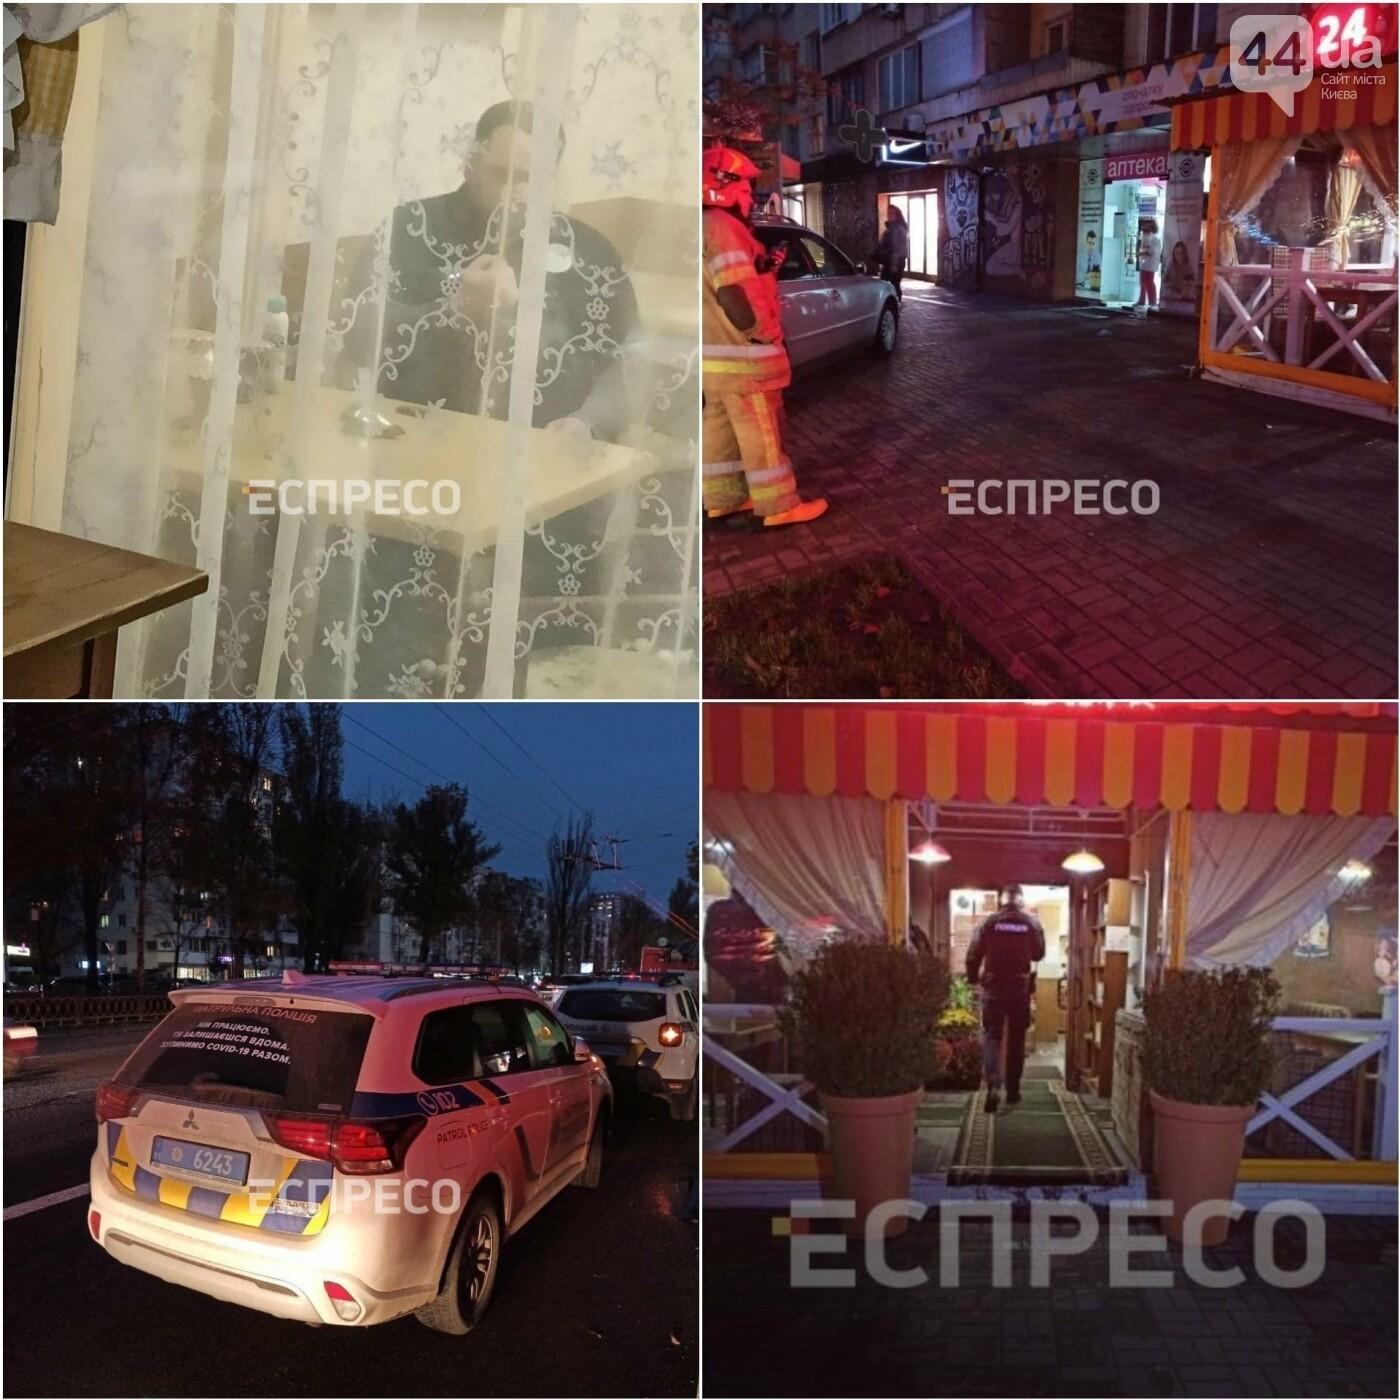 В центре Киева мужчина угрожает подорвать кафе, Фото Эспрессо